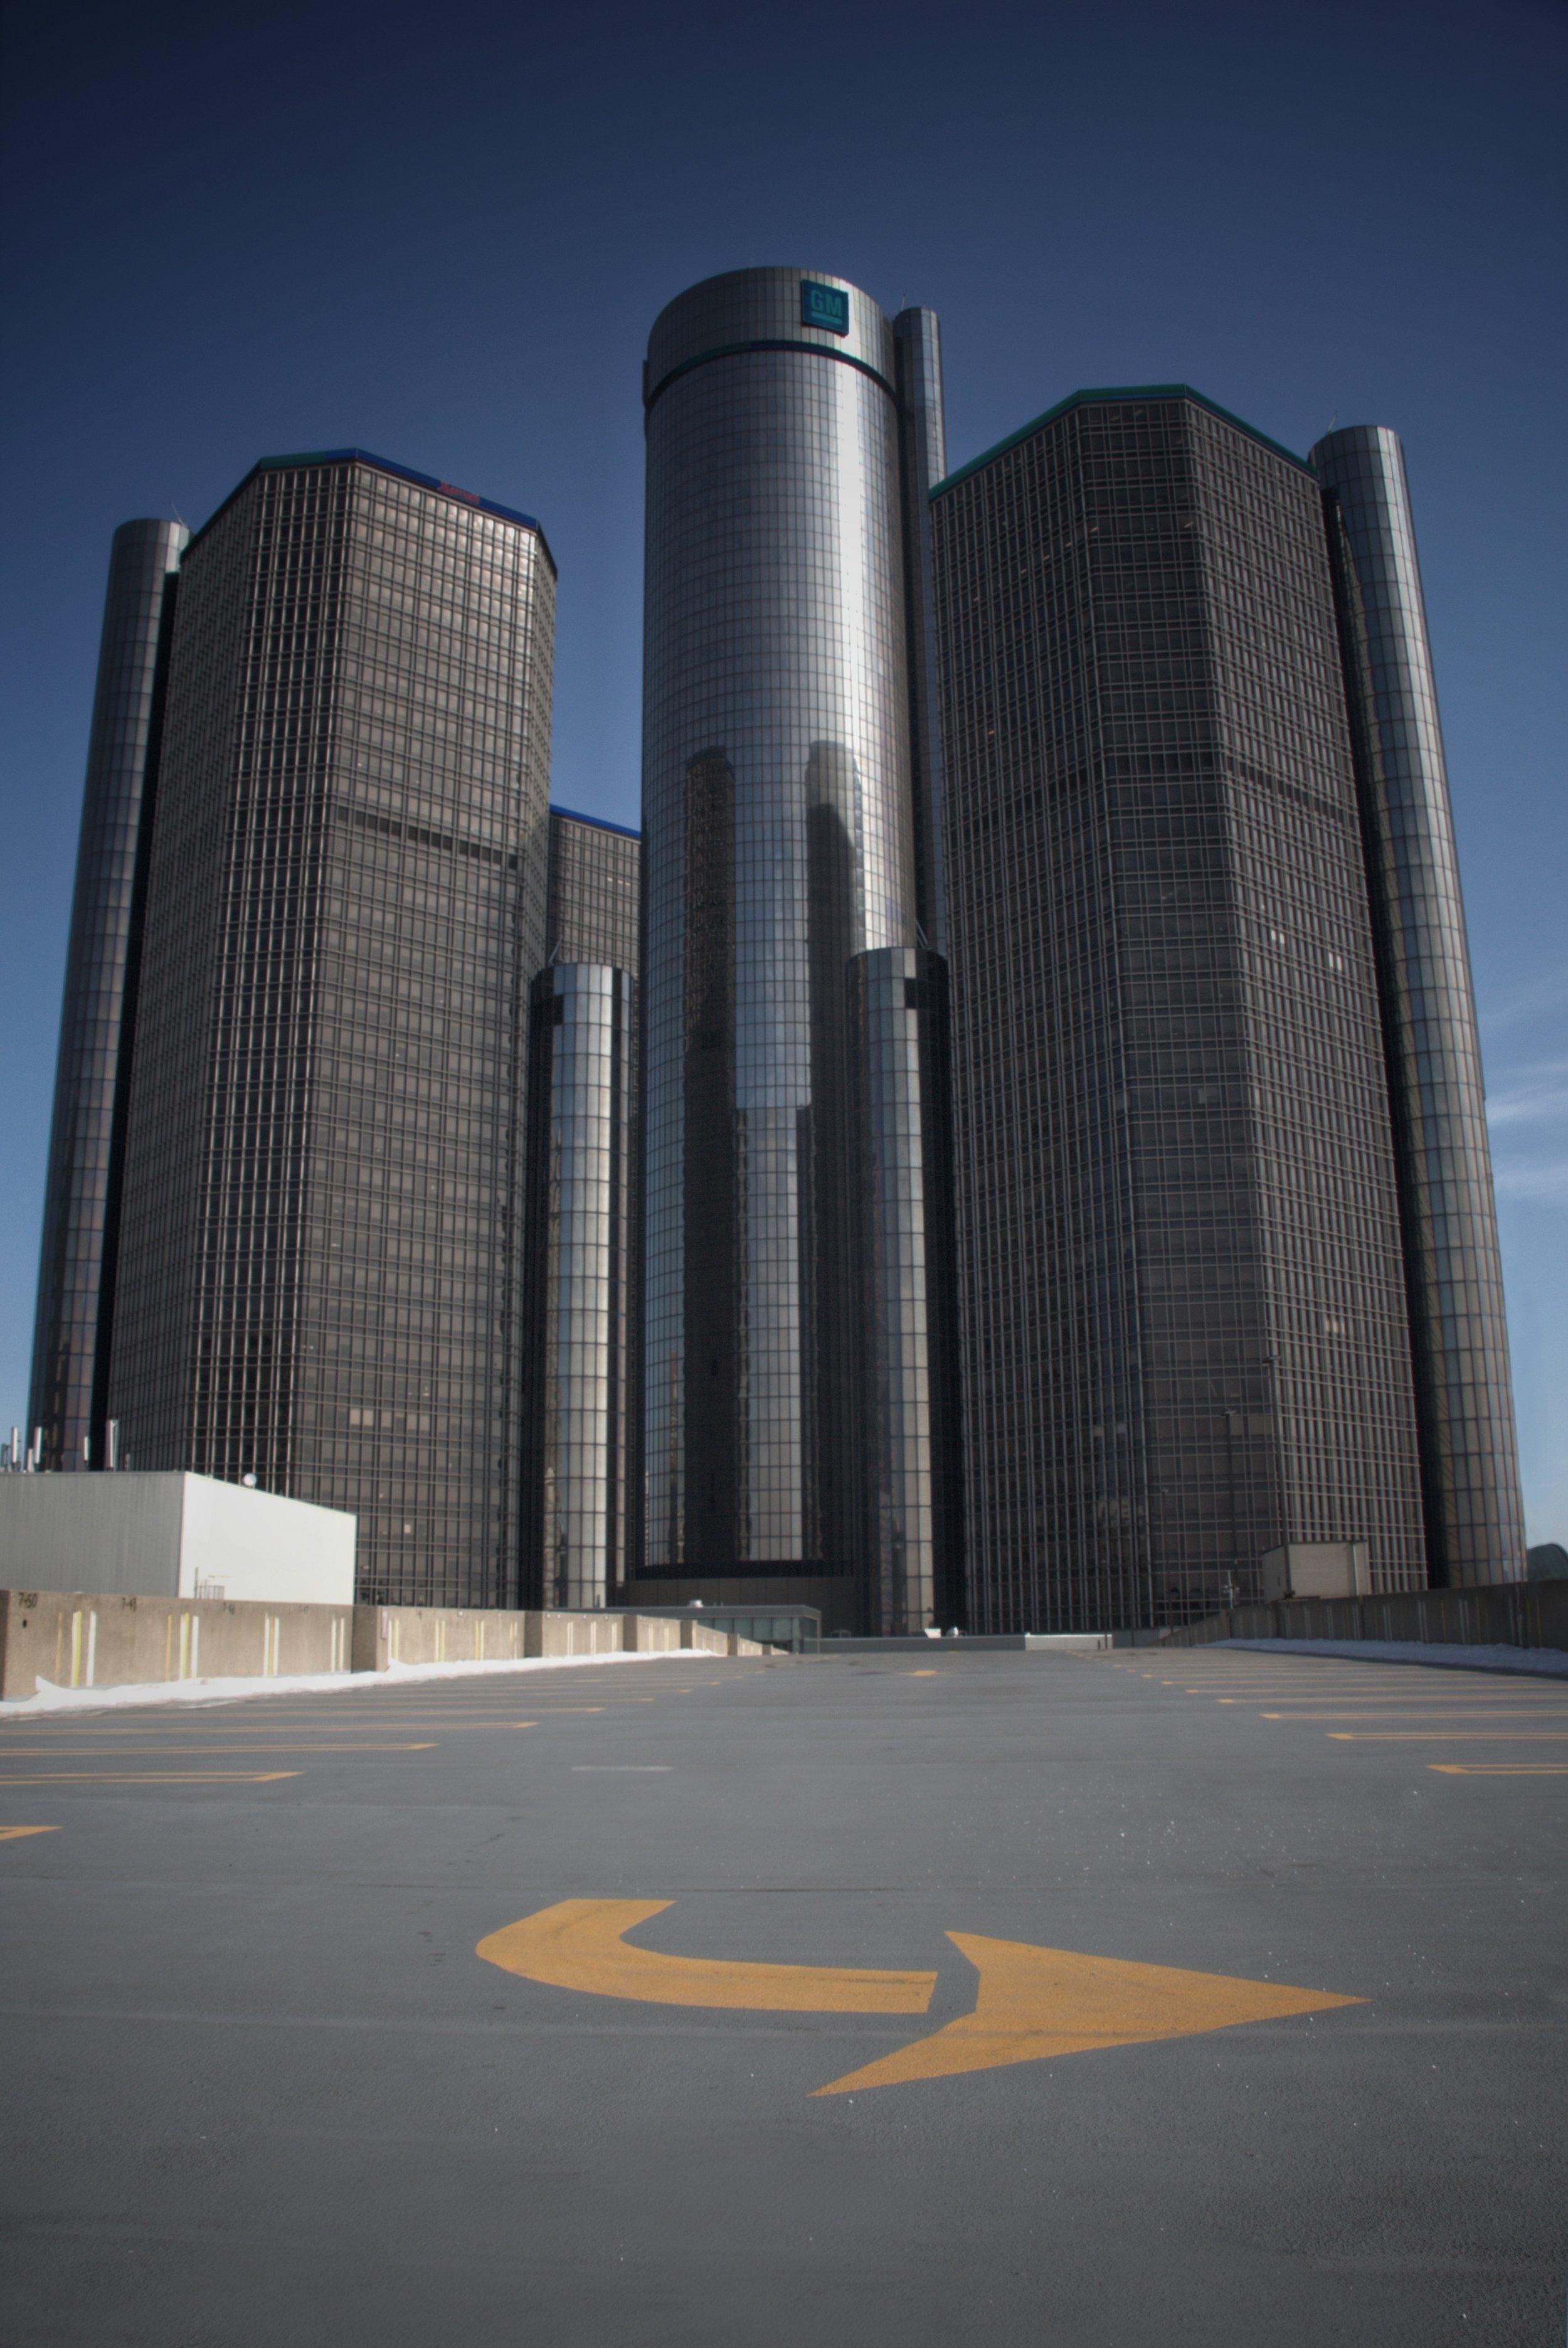 2019-02 Detroit Michigan 10.jpeg